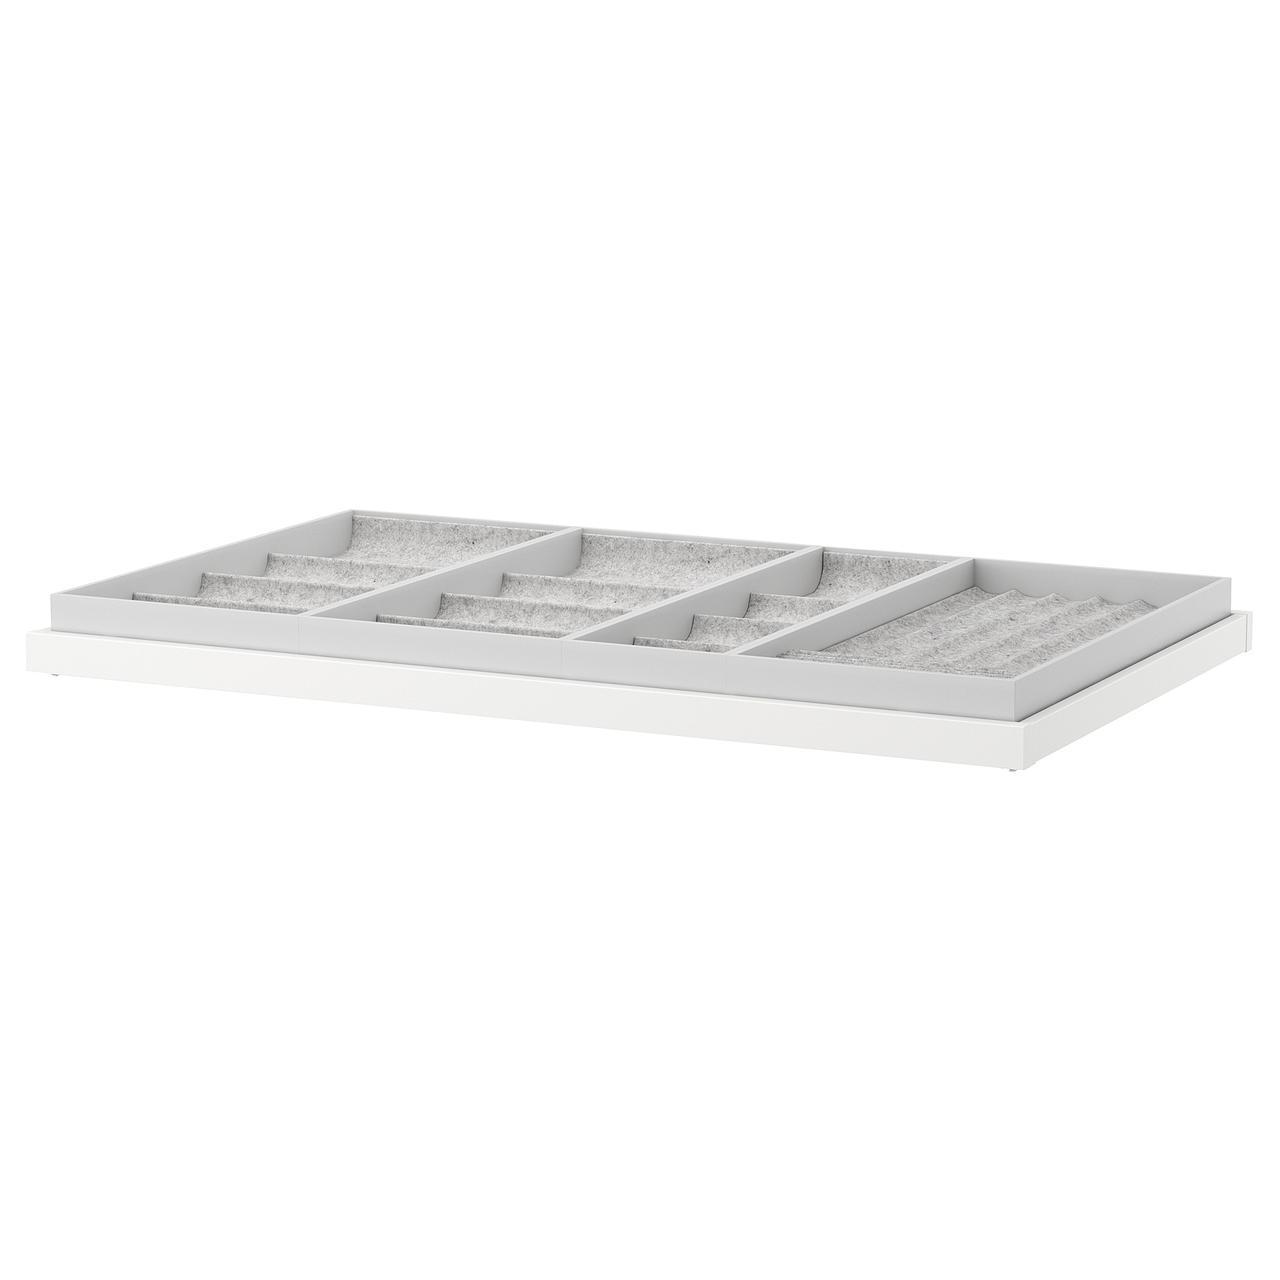 IKEA Выдвижная полка с вставкой KOMPLEMENT (492.493.63)